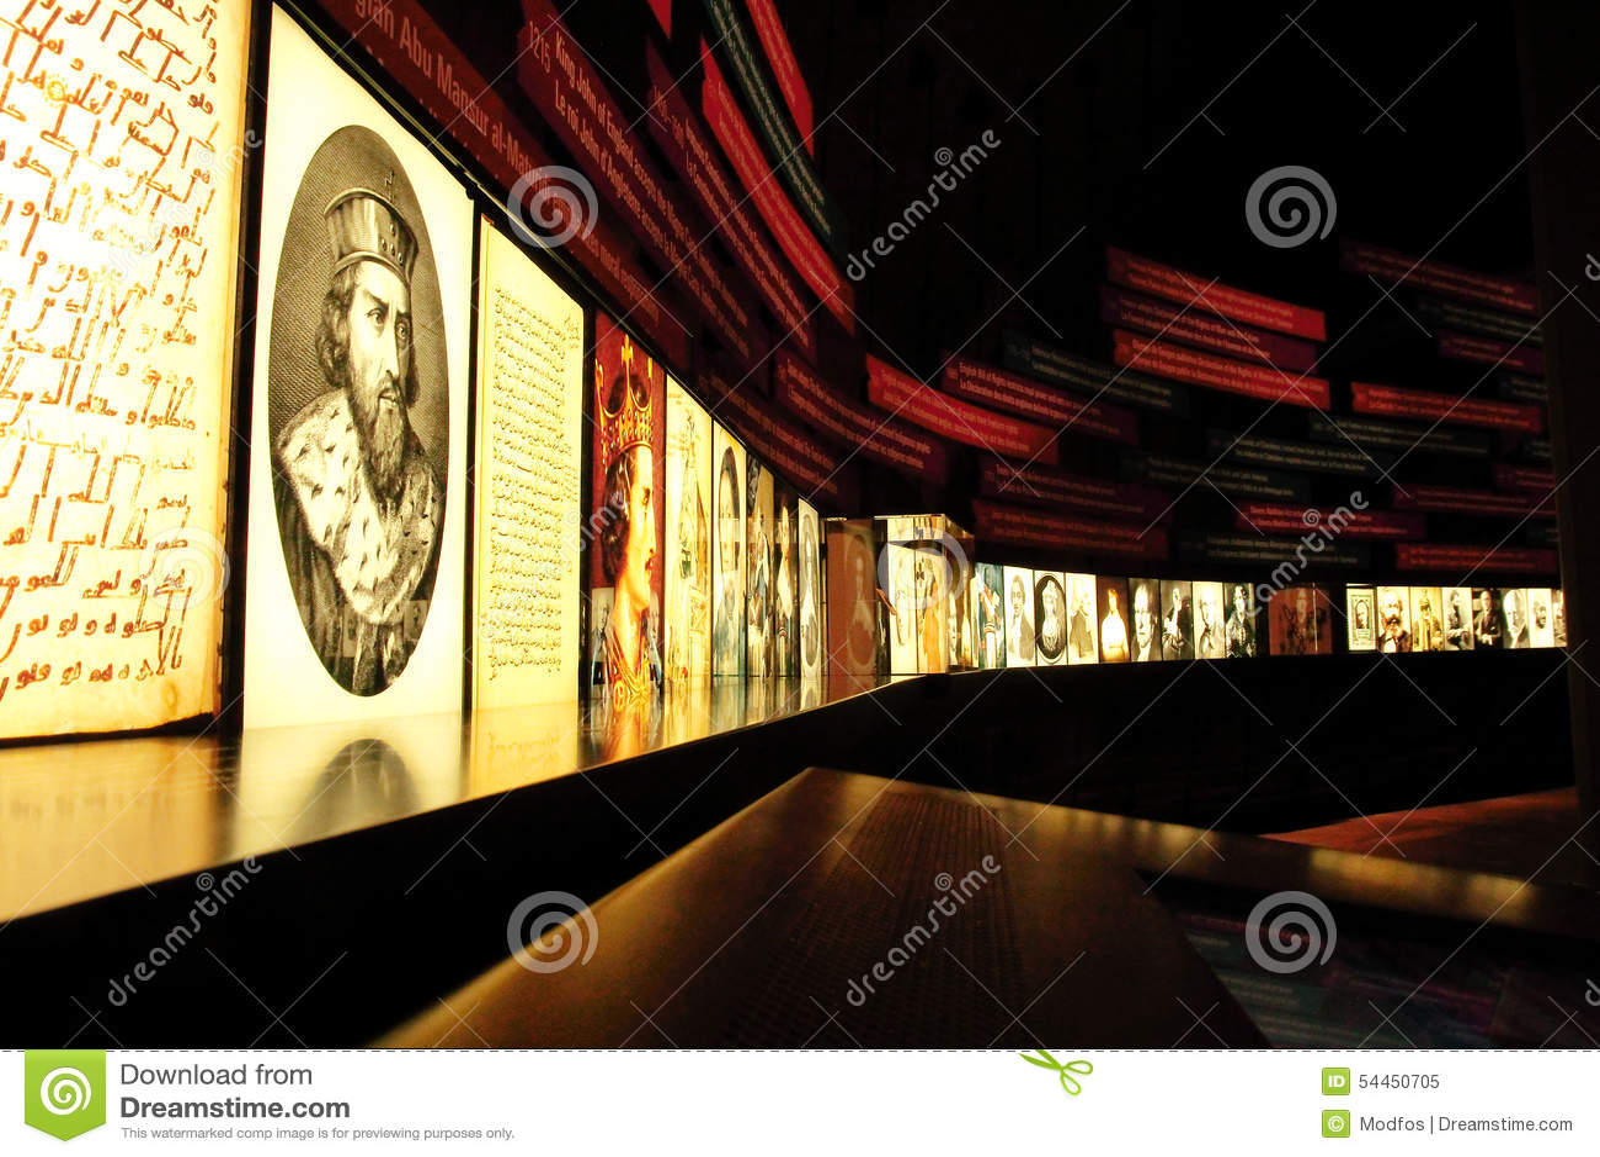 Επιδείξεις για το μουσείο των ανθρώπινων δικαιωμάτων